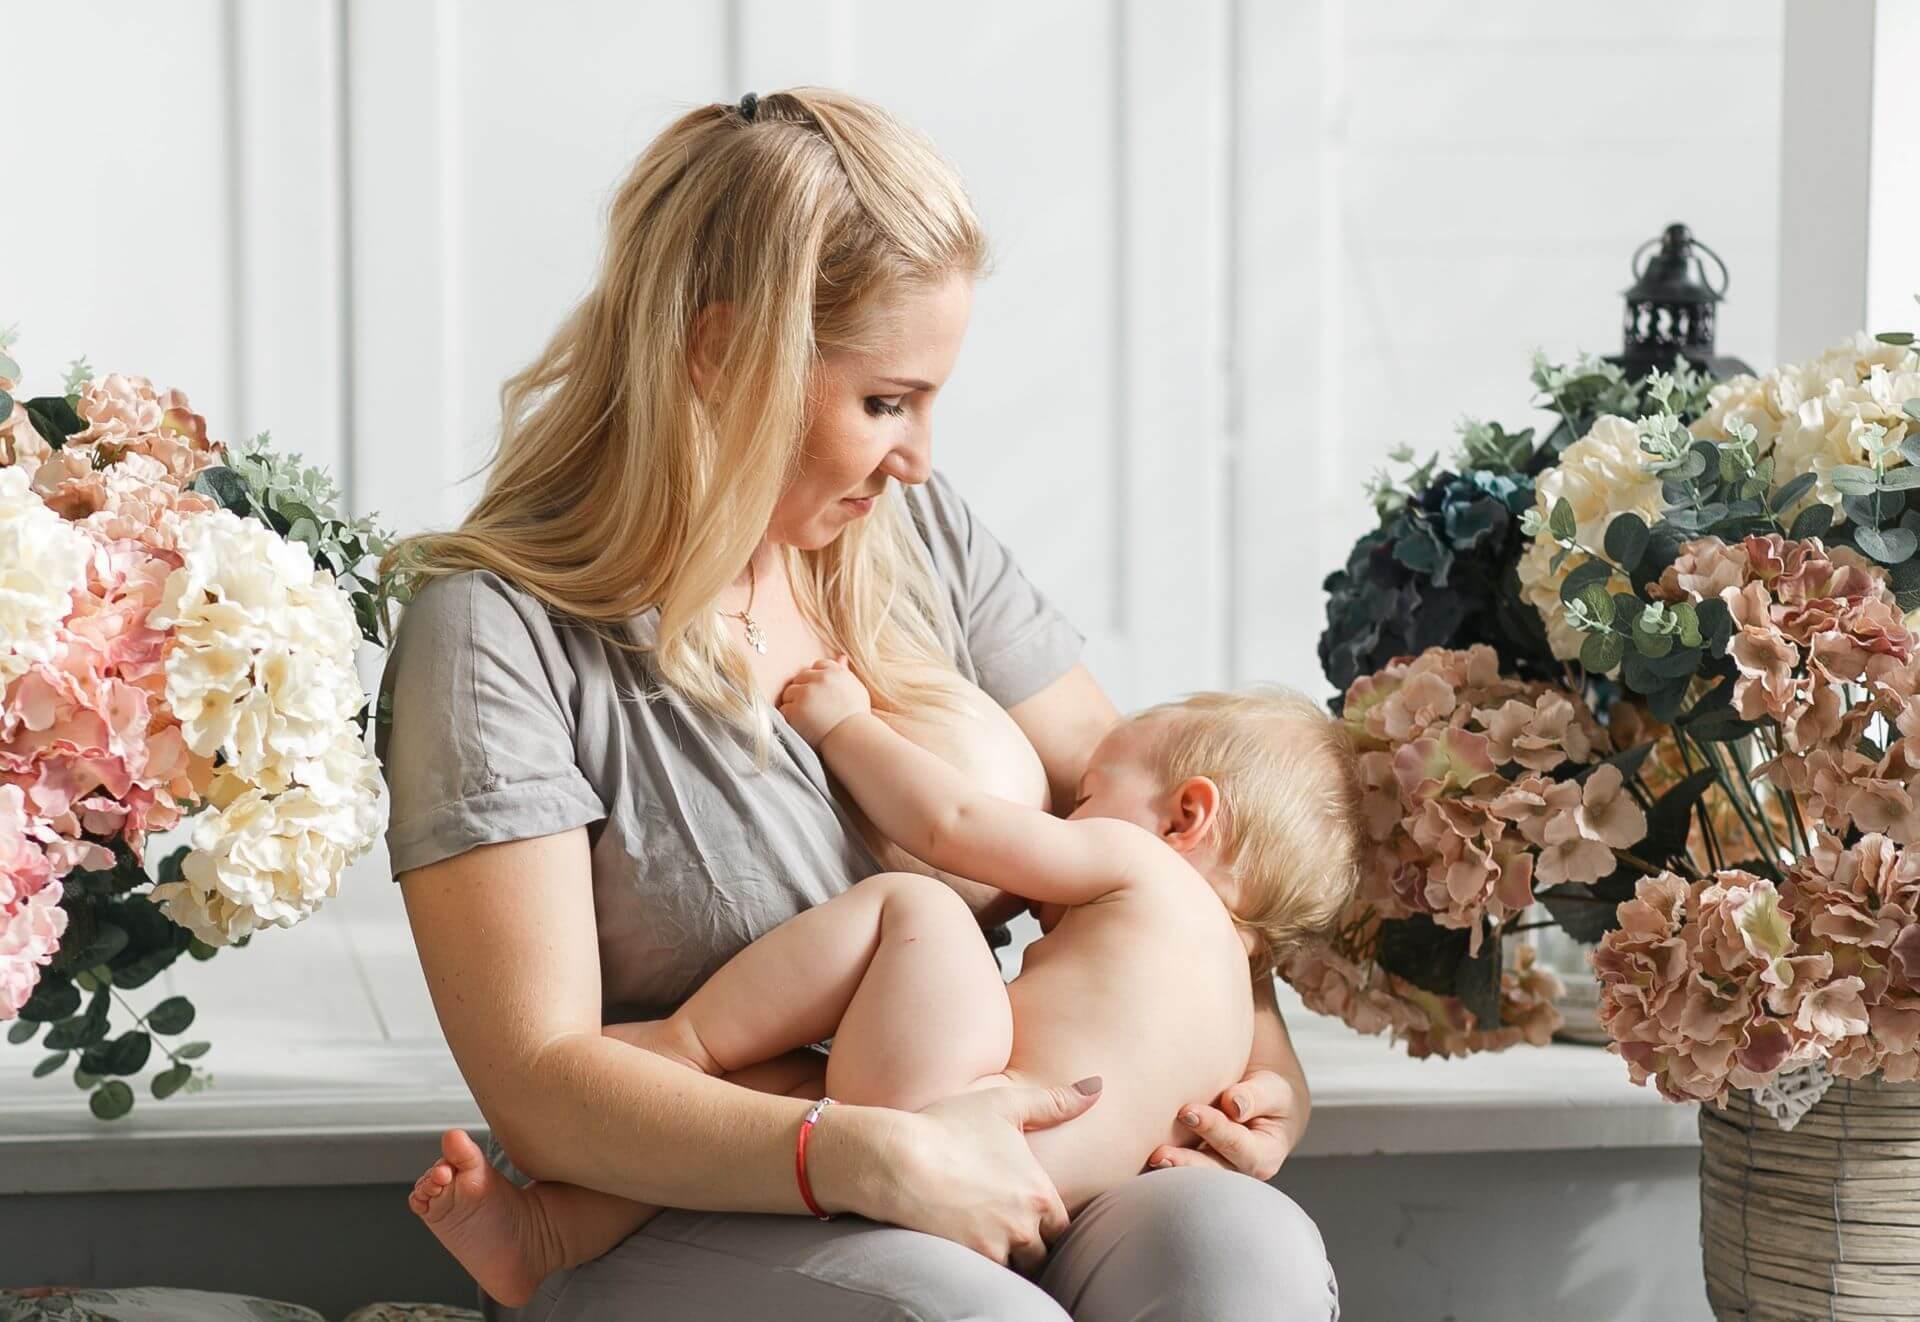 Nuôi con bằng sữa mẹ là cách làm giảm mỡ bụng sau sinh tự nhiên